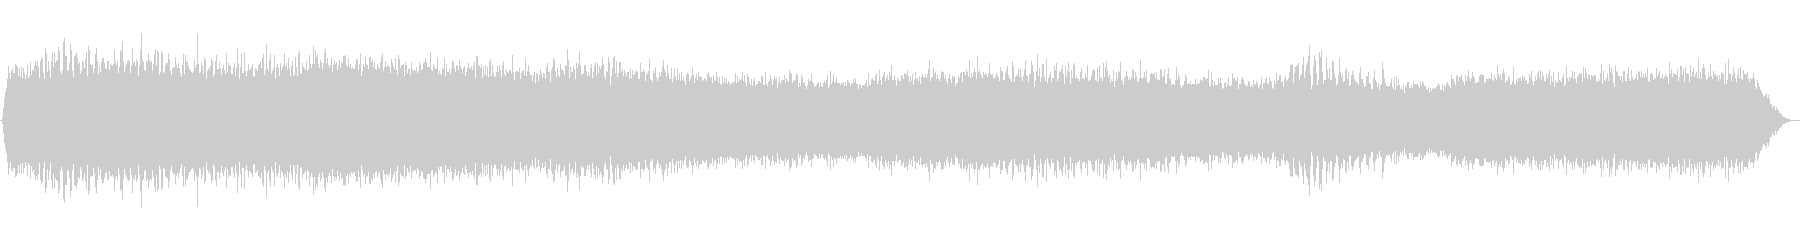 ヒグラシとアブラゼミの鳴き声(セミ、夏)の未再生の波形